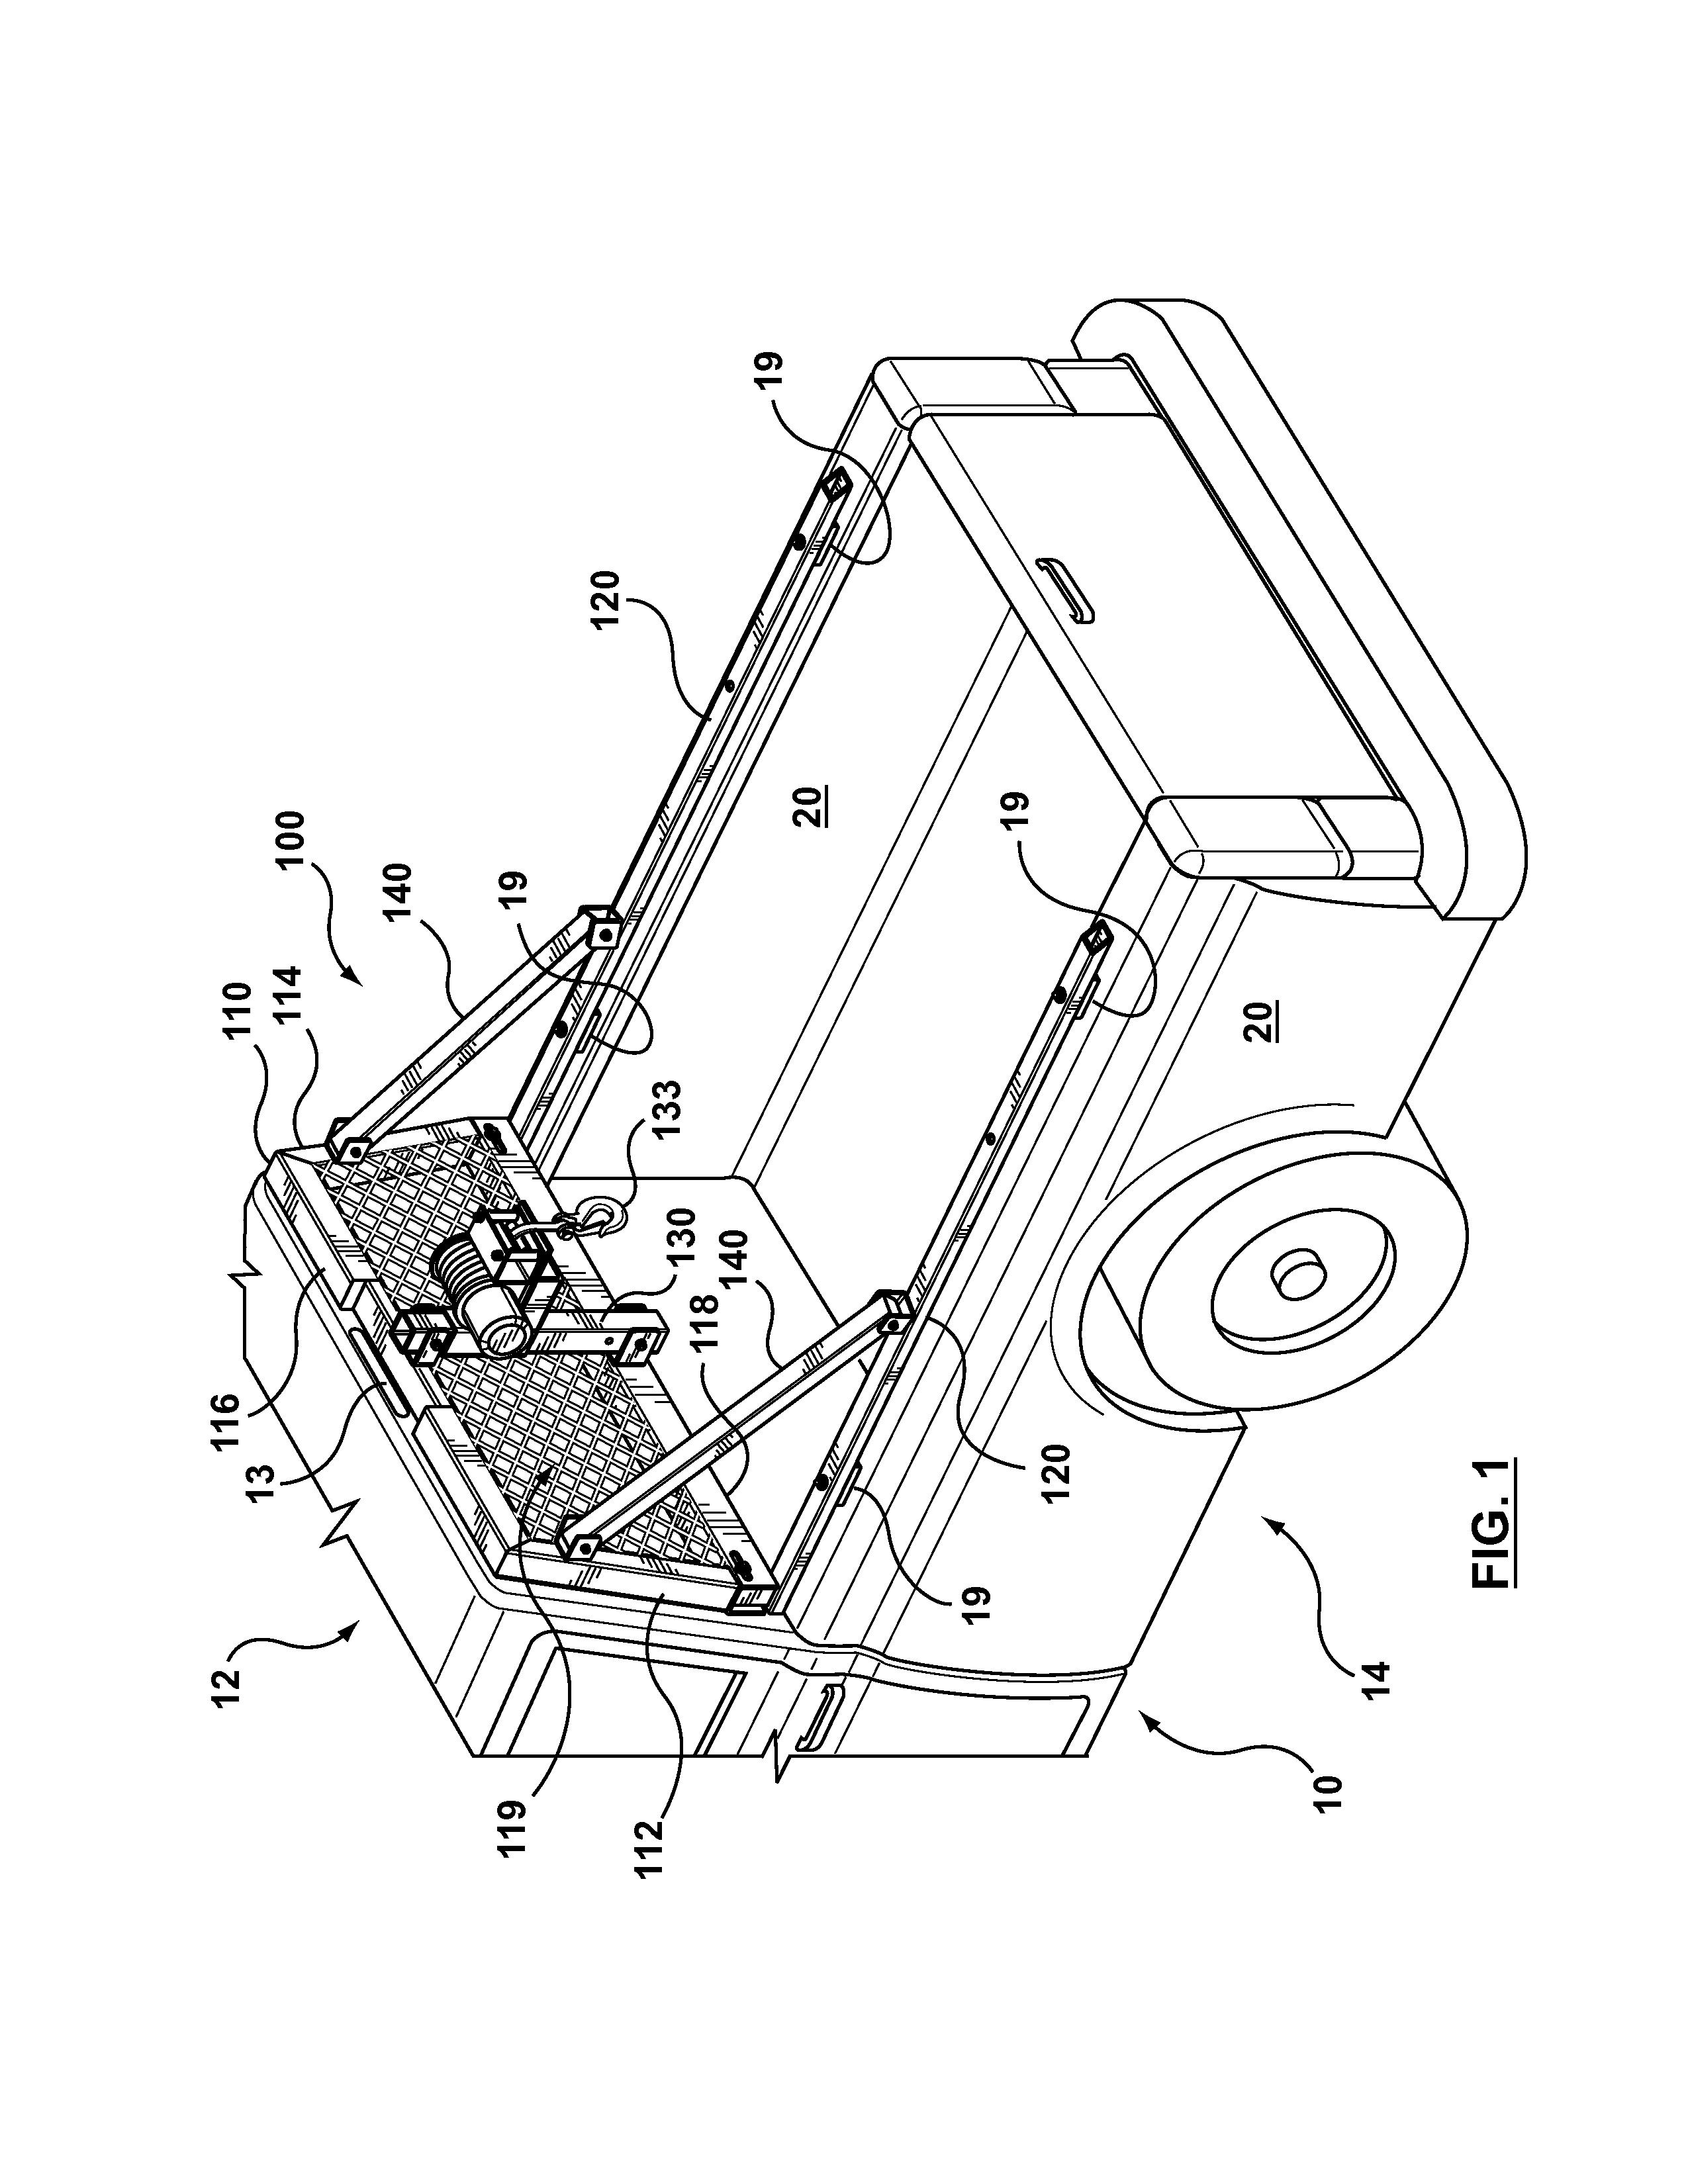 patent us20130181023